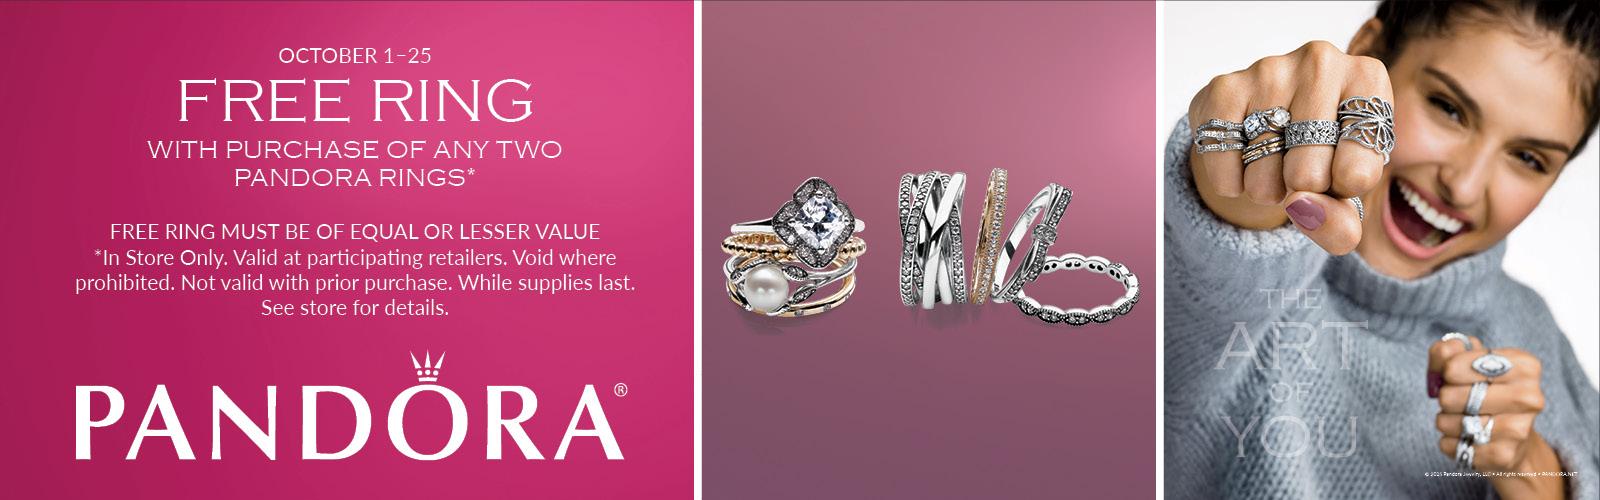 Buy 2 get 1 Free Pandora Ring Event